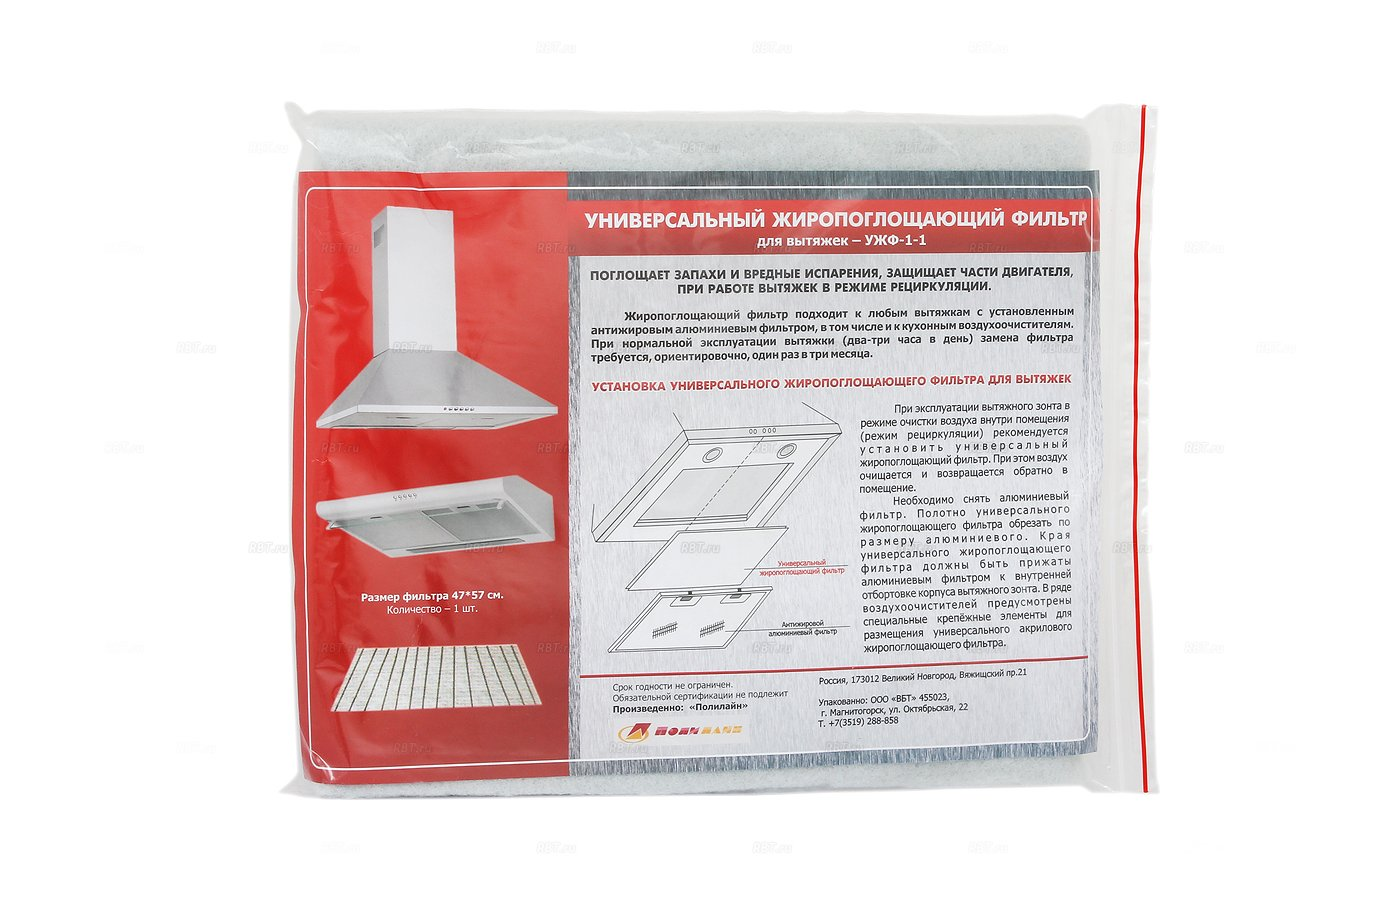 Фильтры для воздухоочистителей Универсальный жиропоглощающий фильтр для вытяжек- УЖФ-1-1 (1шт)